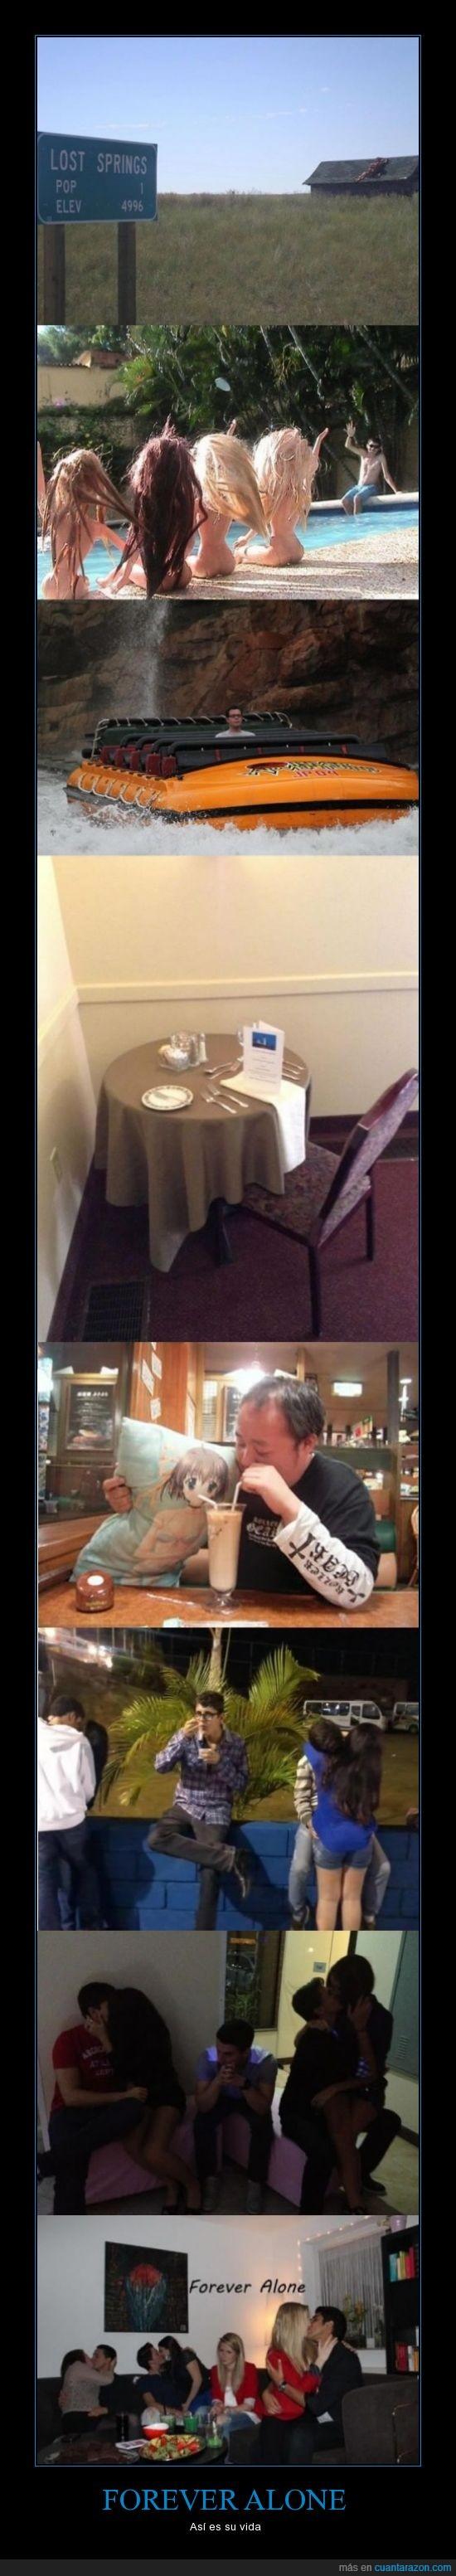 forever alone,mesa,novio,pareja,restaurante,solo,soltero